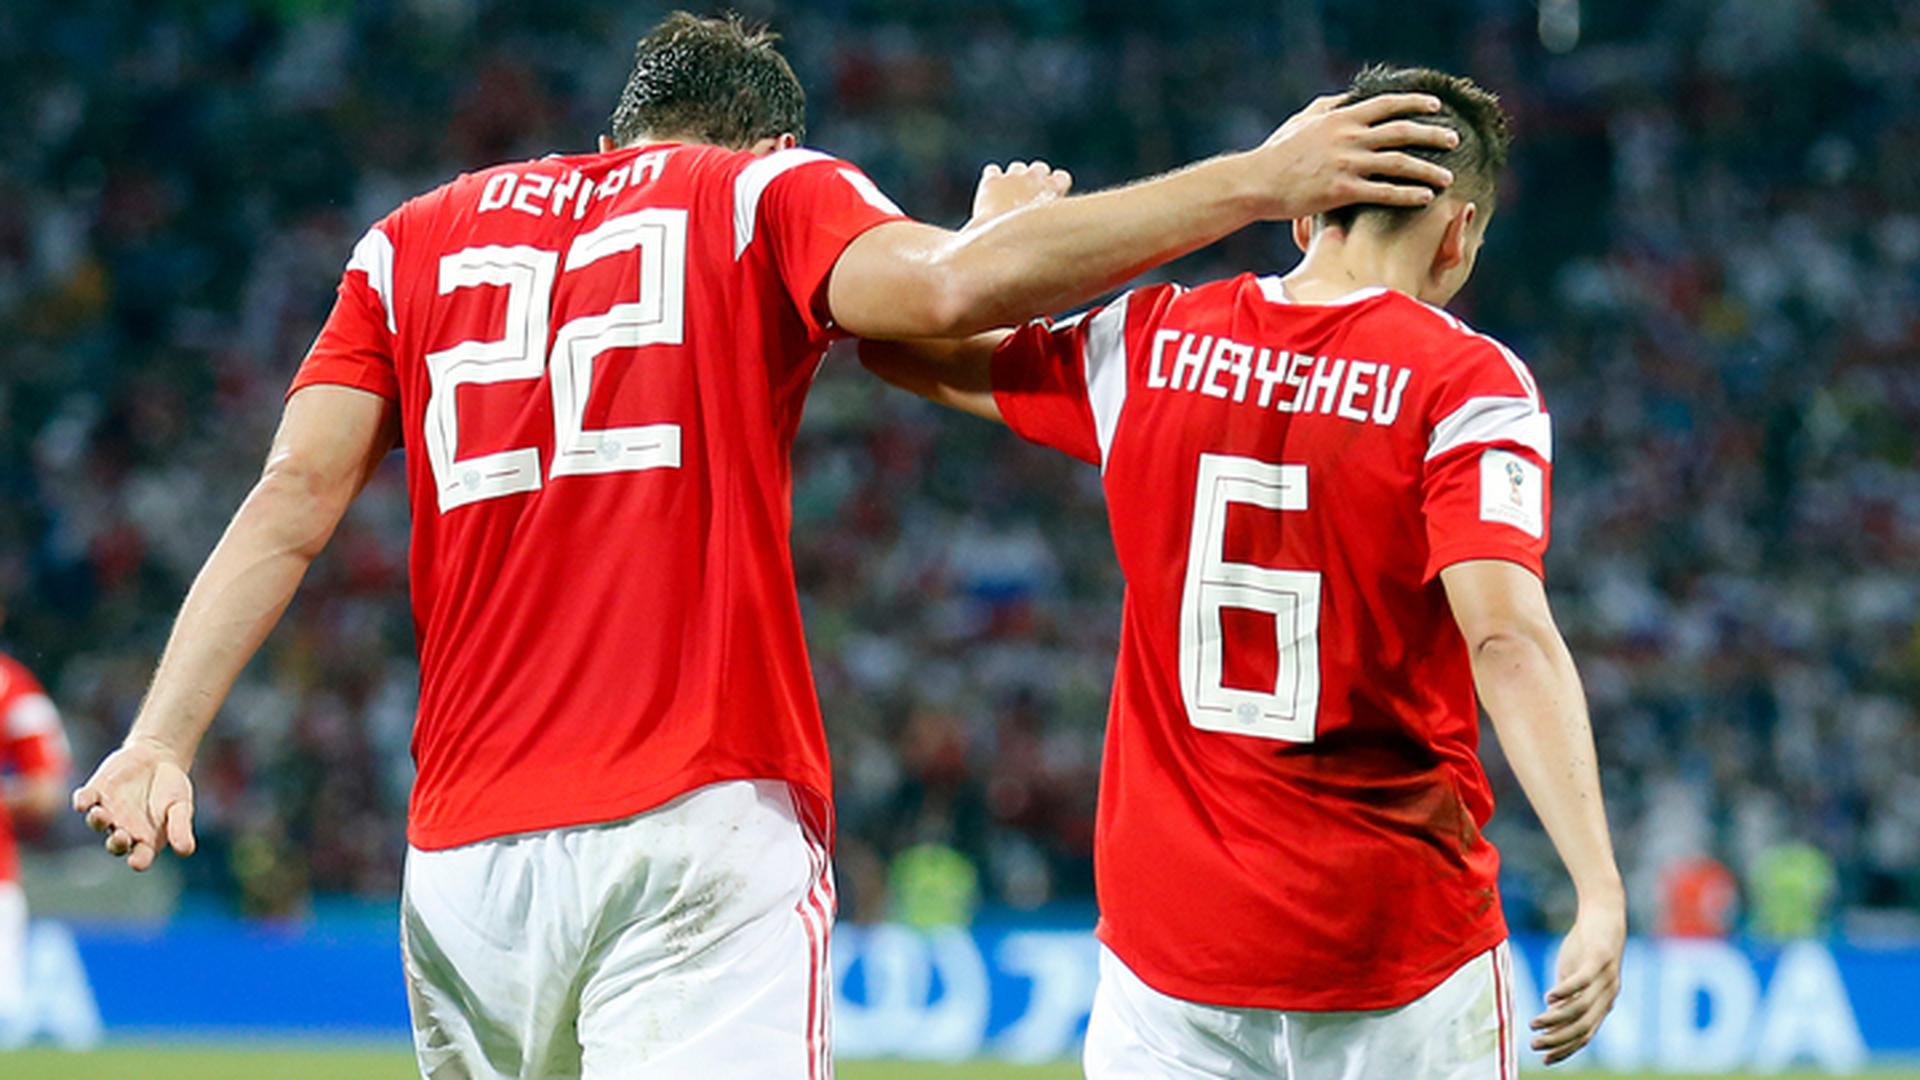 Черышев, Дзюба и Фернандес в списке лучших игроков World Cup-2018